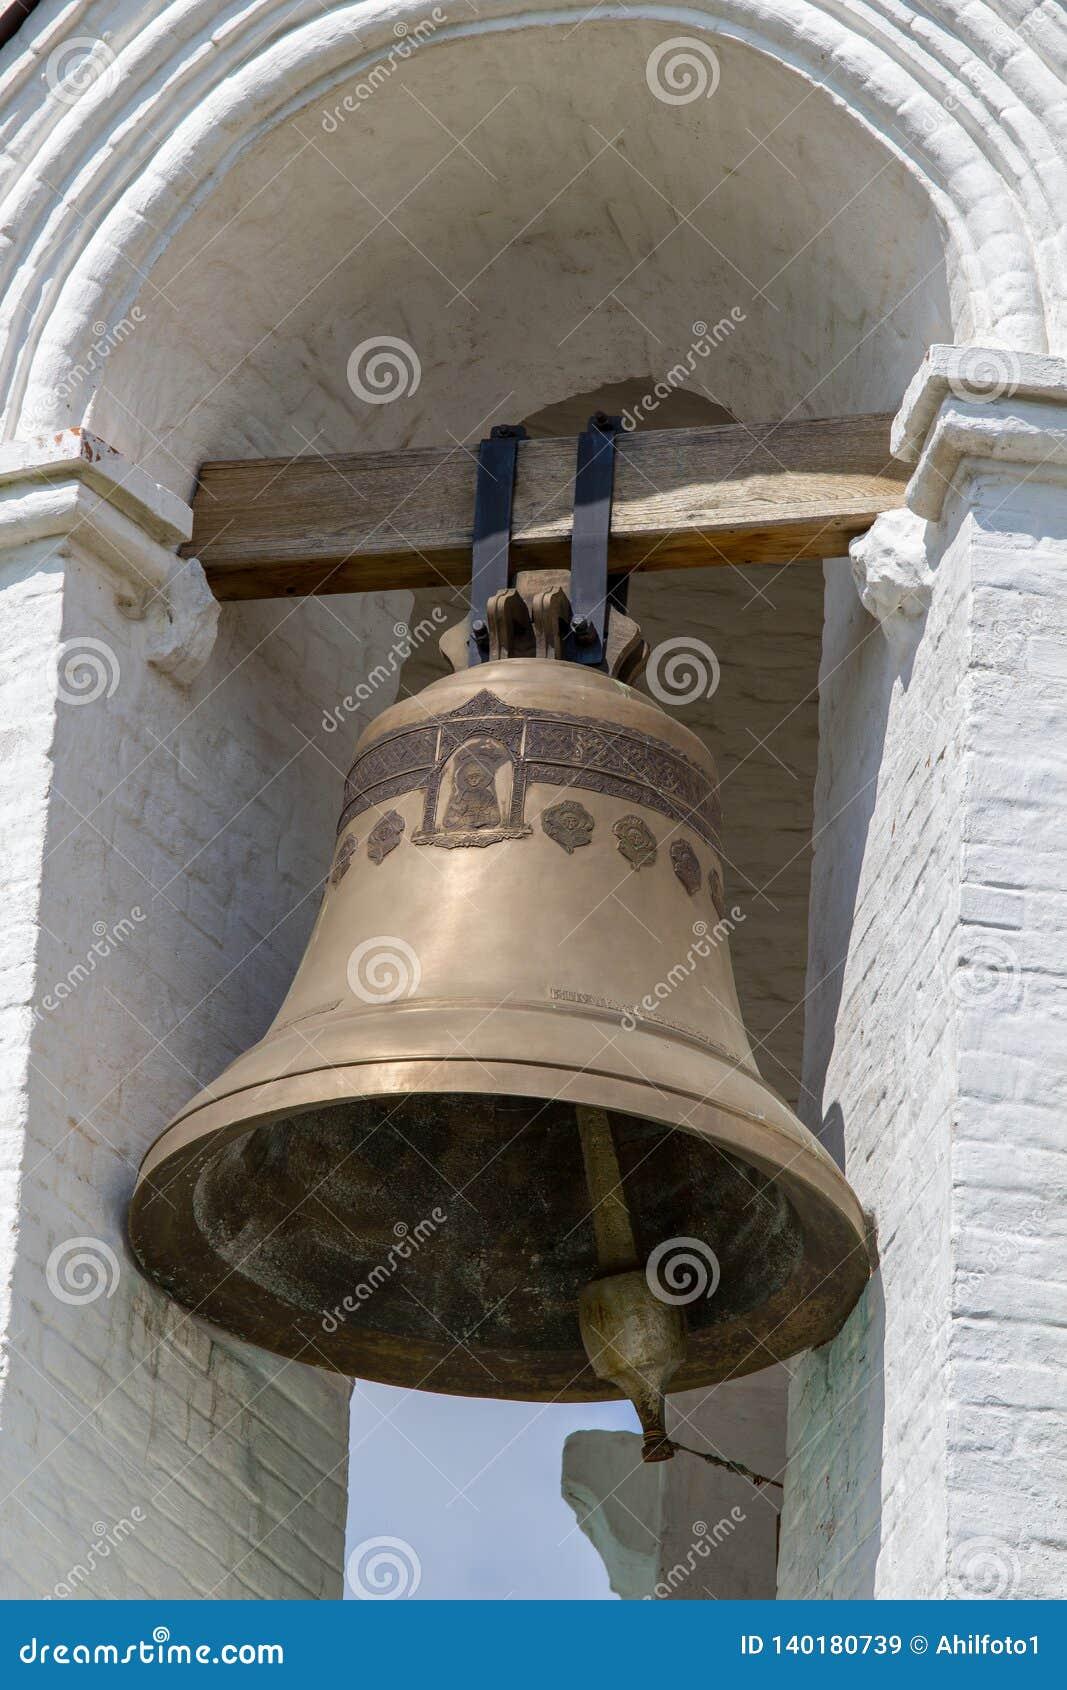 Moskau/Russland - 22. Juli 2013: große Klingelnglocke auf einem weißen Glockenturm